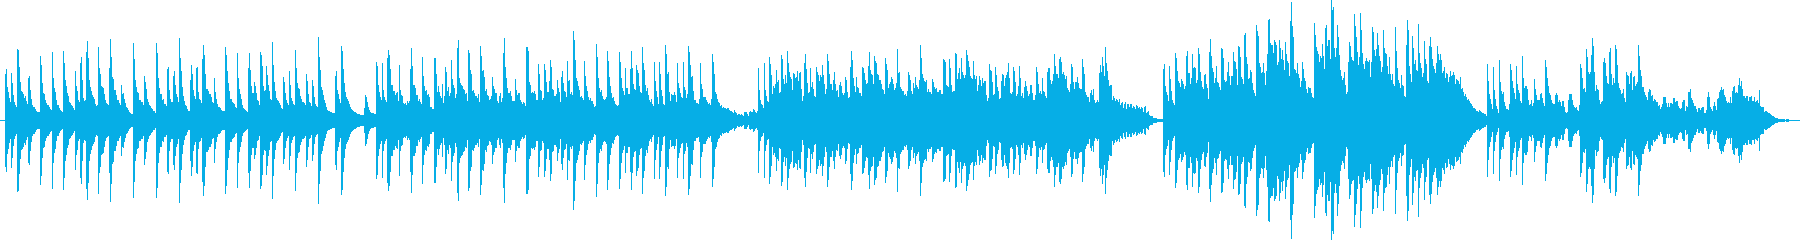 琴で奏でるシンプルで和風ほっこりメロディの再生済みの波形